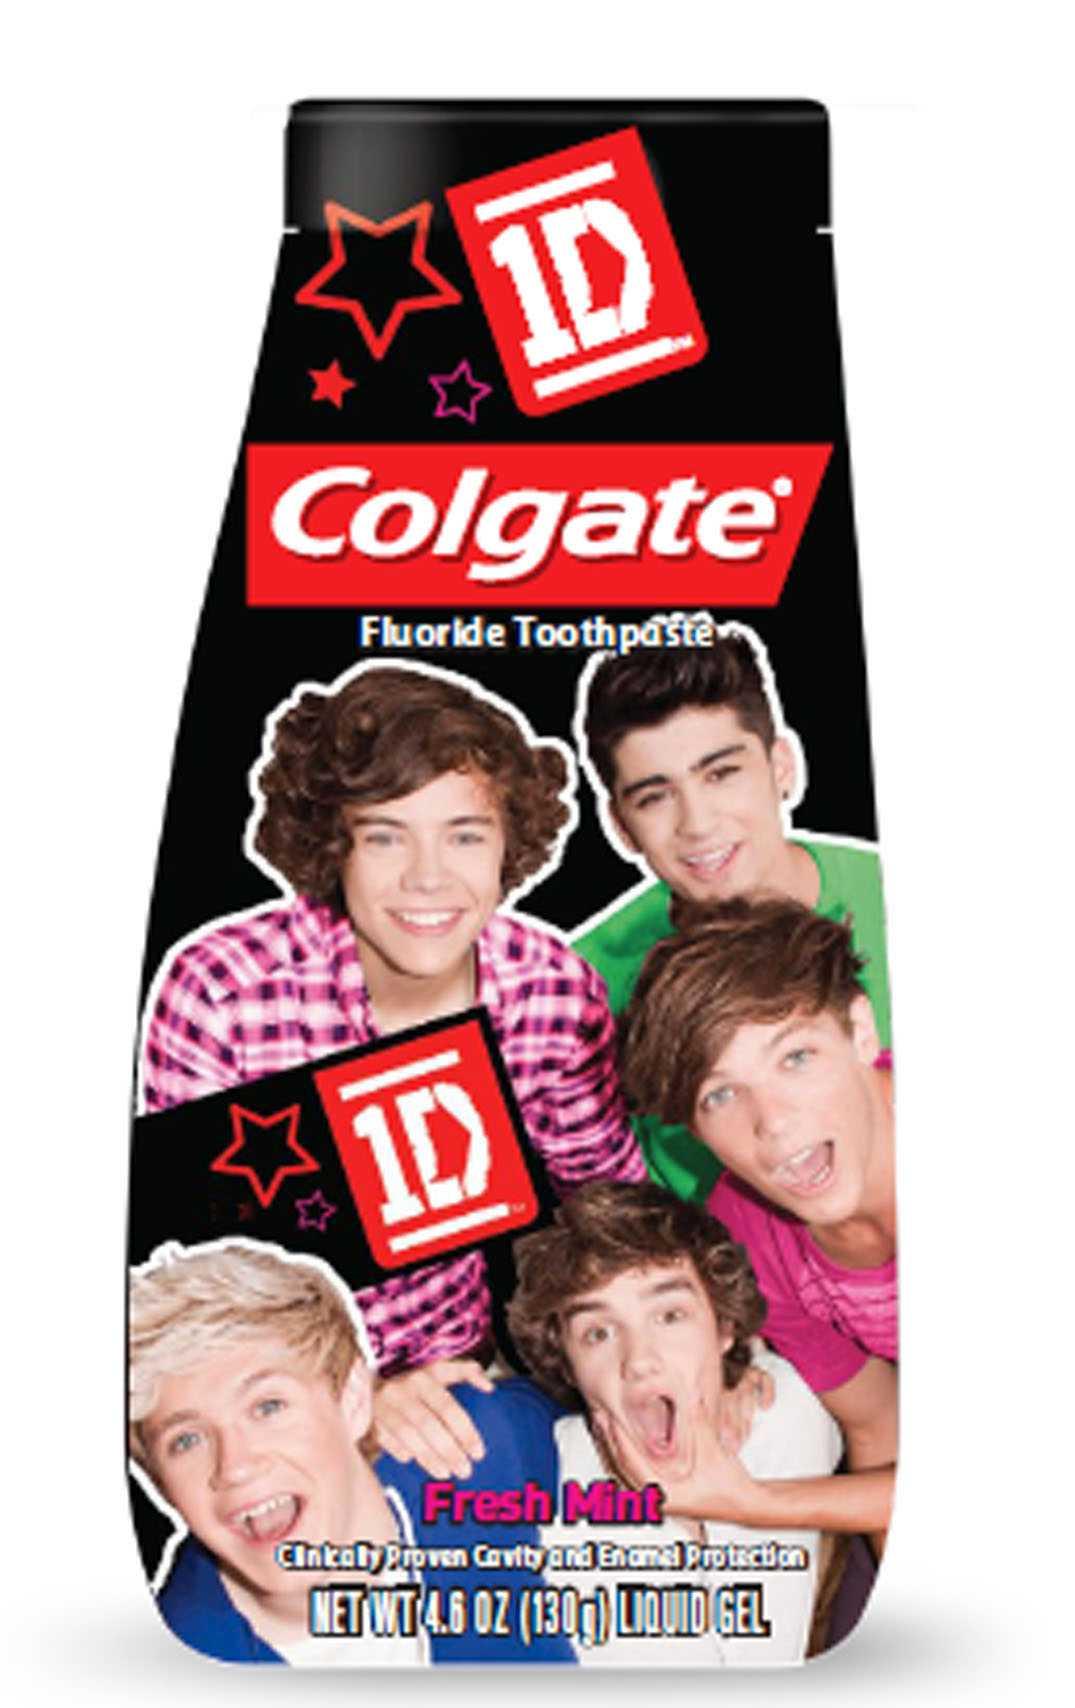 Harrys tandkräm För alla som inte gillar att borsta tänderna men gillar One Direction finns nu ett fullgott alternativ